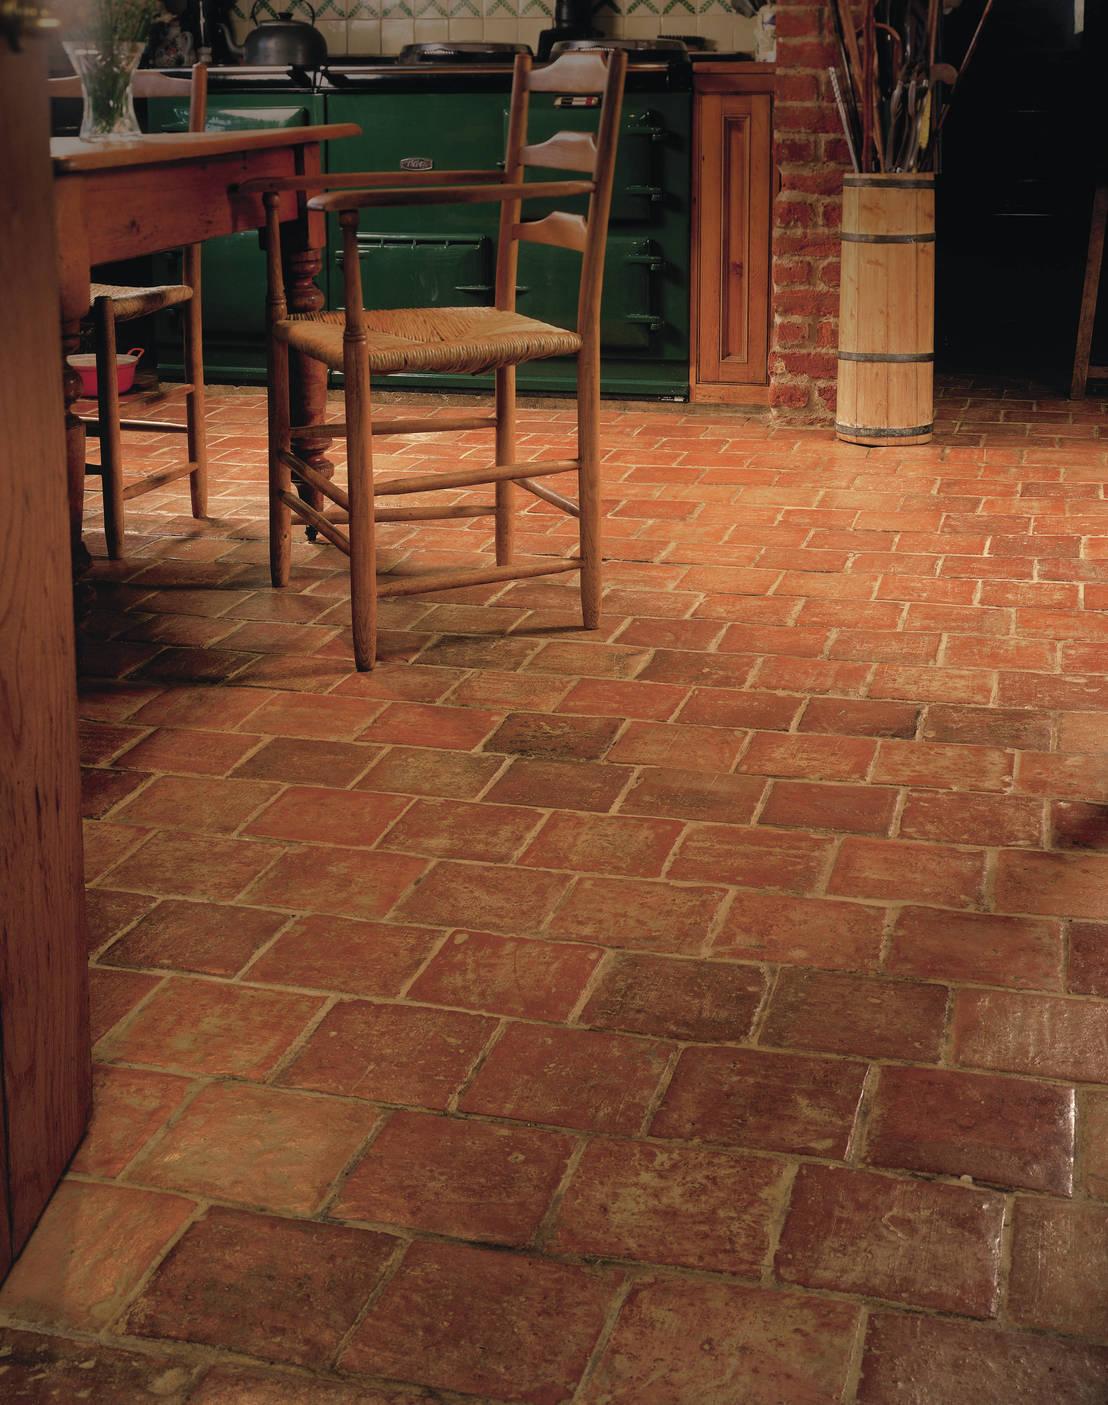 7 ideas de pisos r sticos para tu cocina - Suelos rusticos para exterior ...